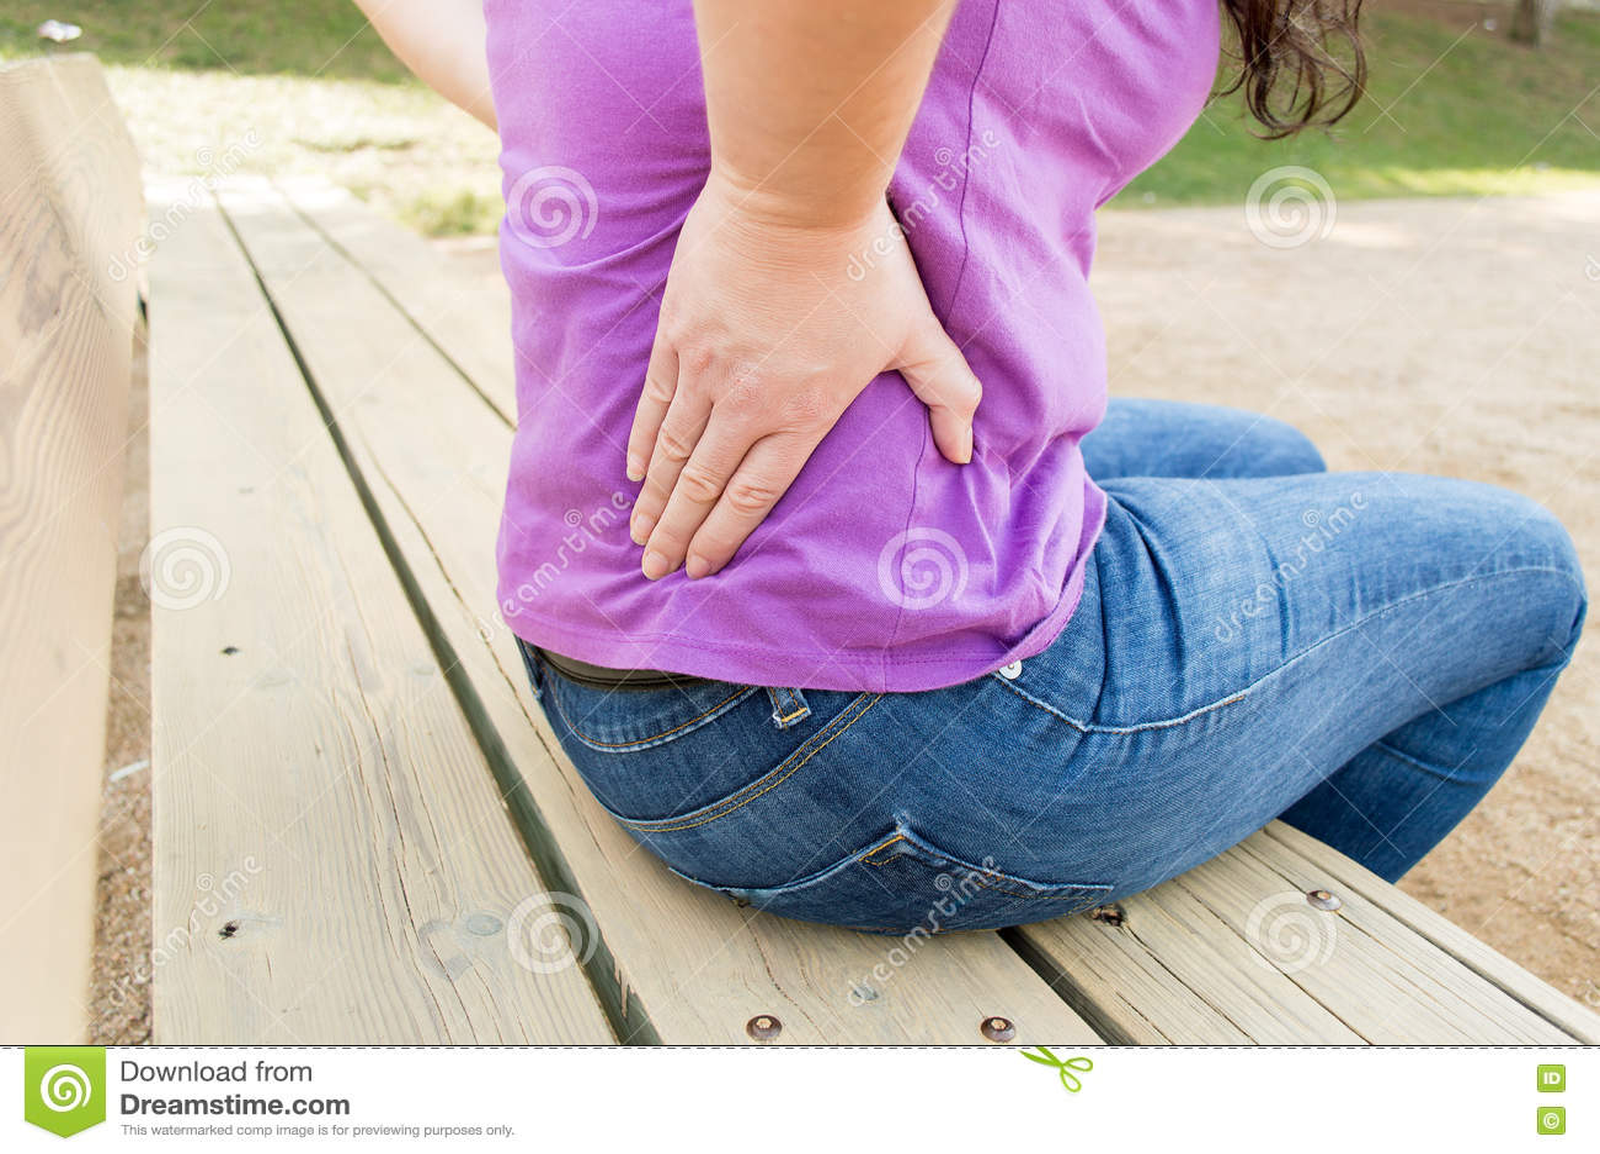 Έχω έναν μεγάλο πόνο στην πλάτη μου